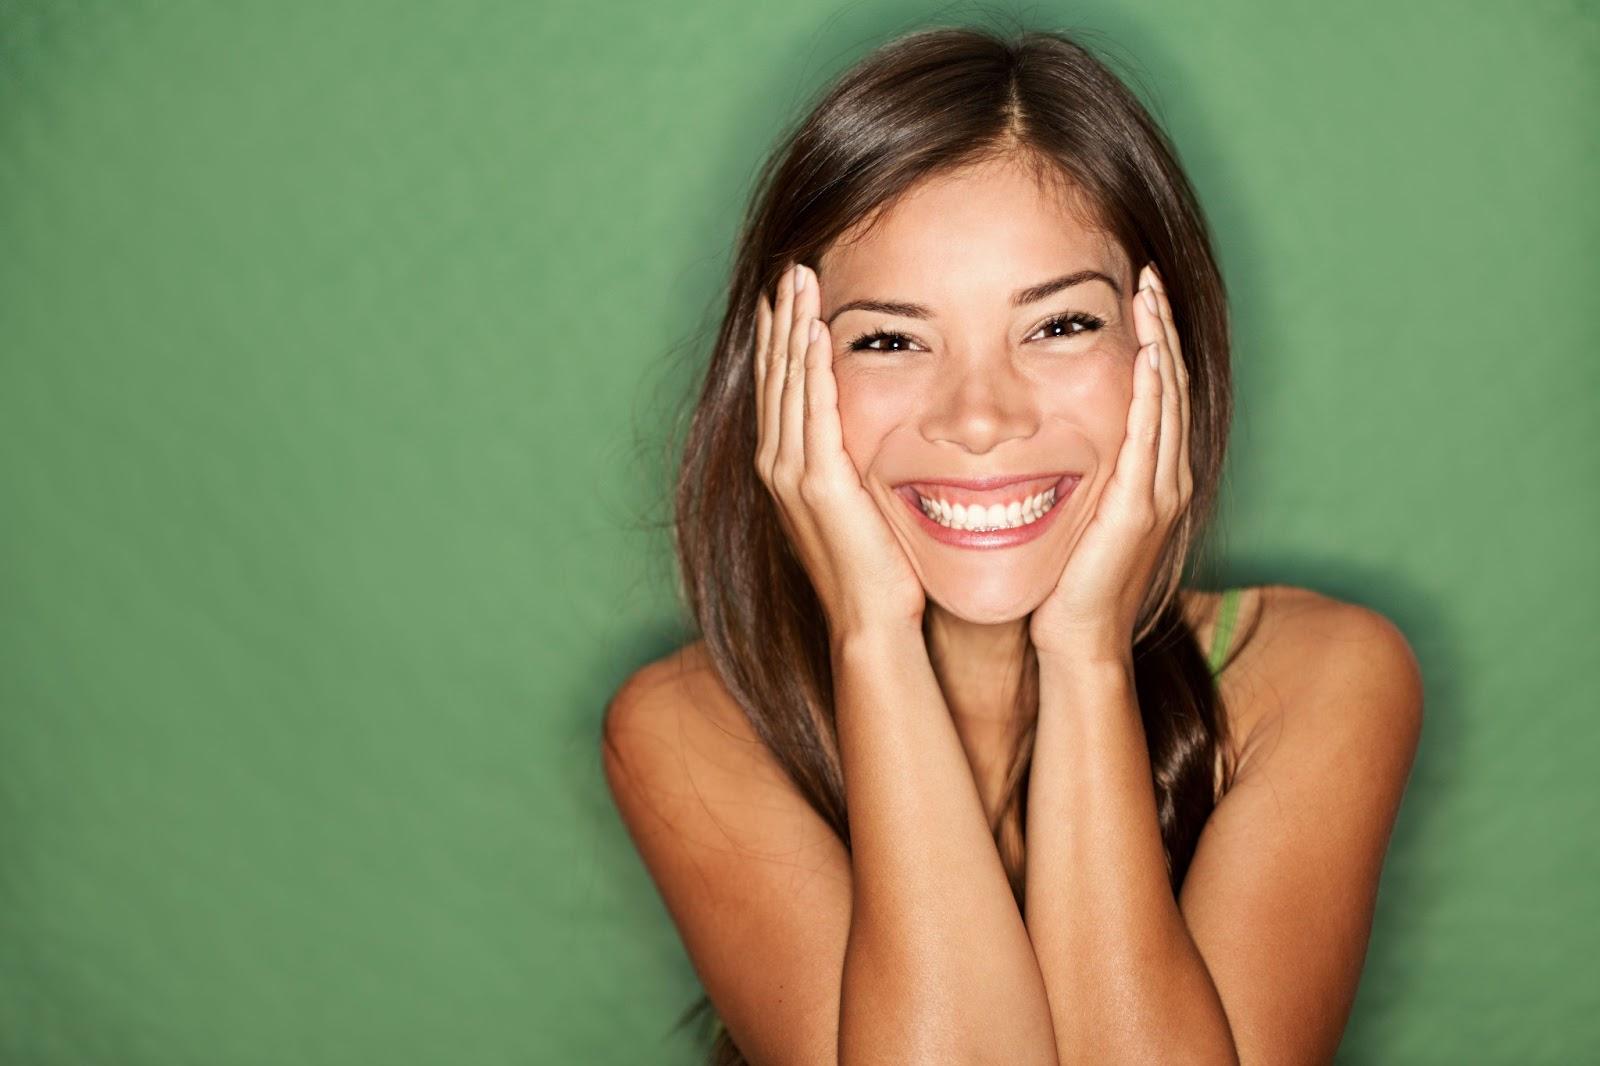 Resultado de imagen para Una simple sonrisa